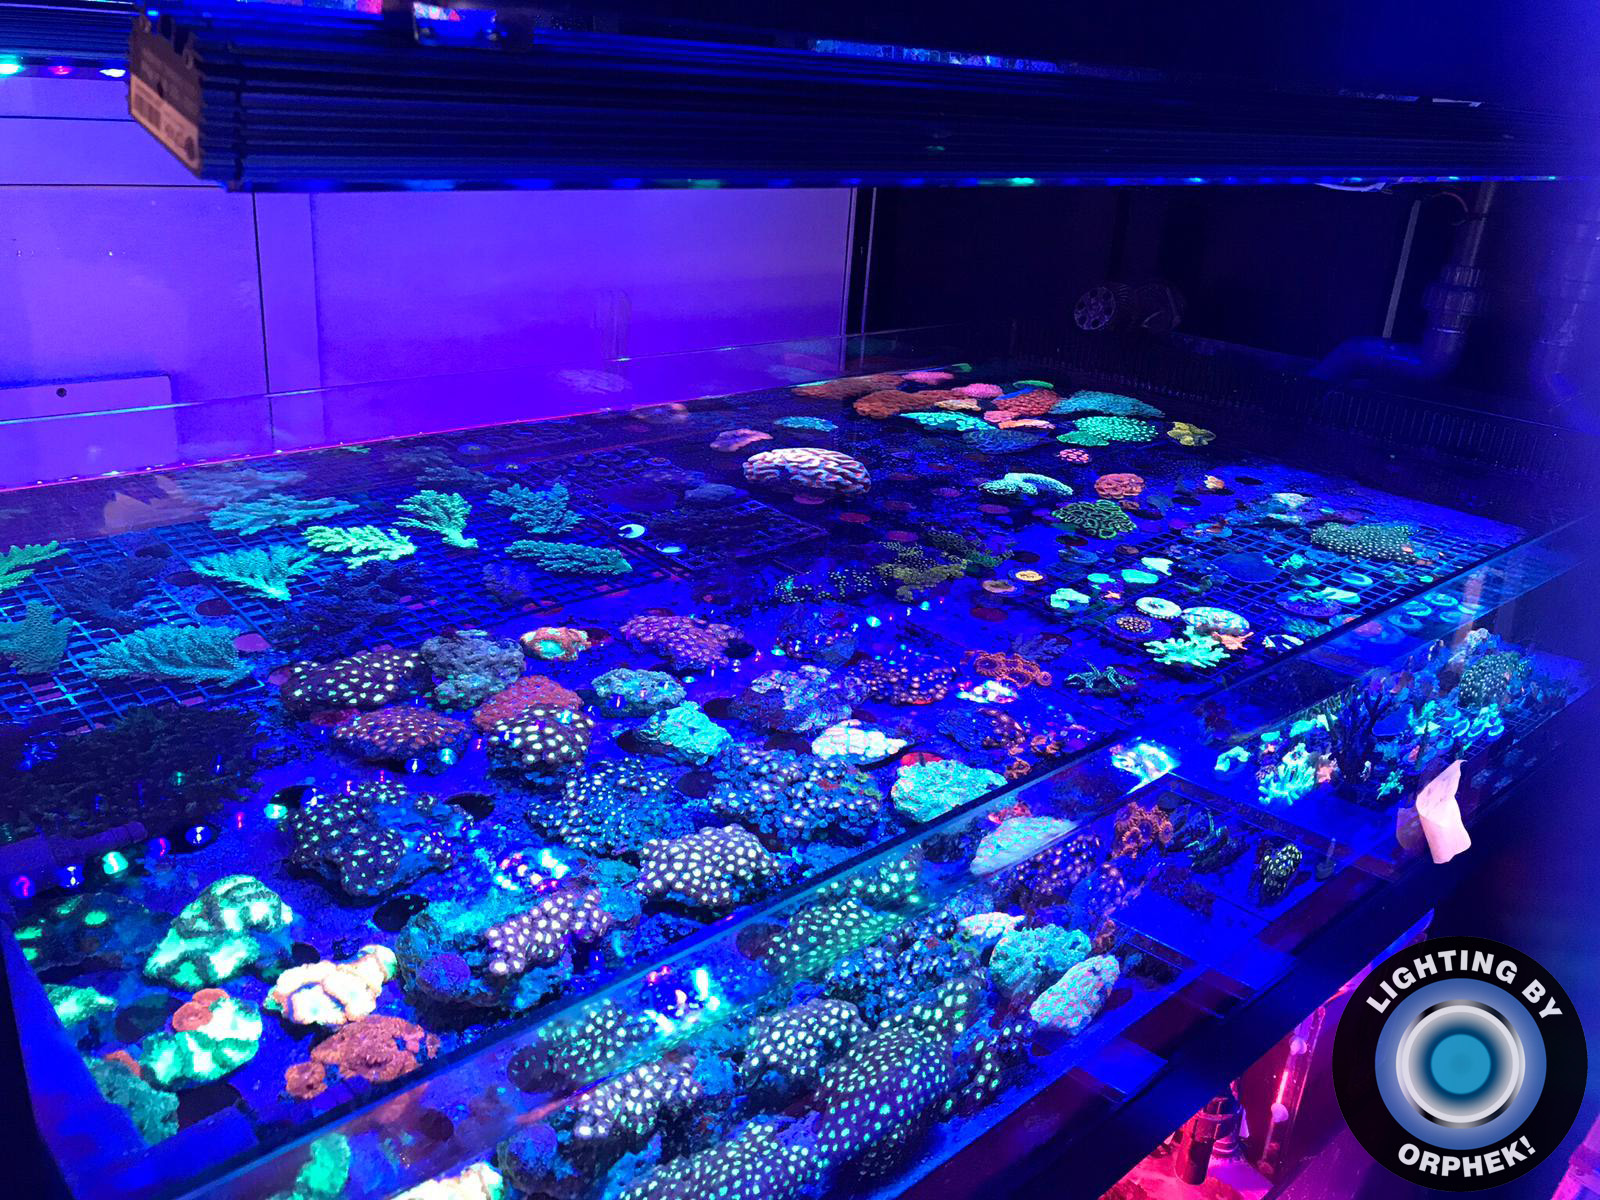 le migliori luci dell'acquario coralli di barriera corallina 2020